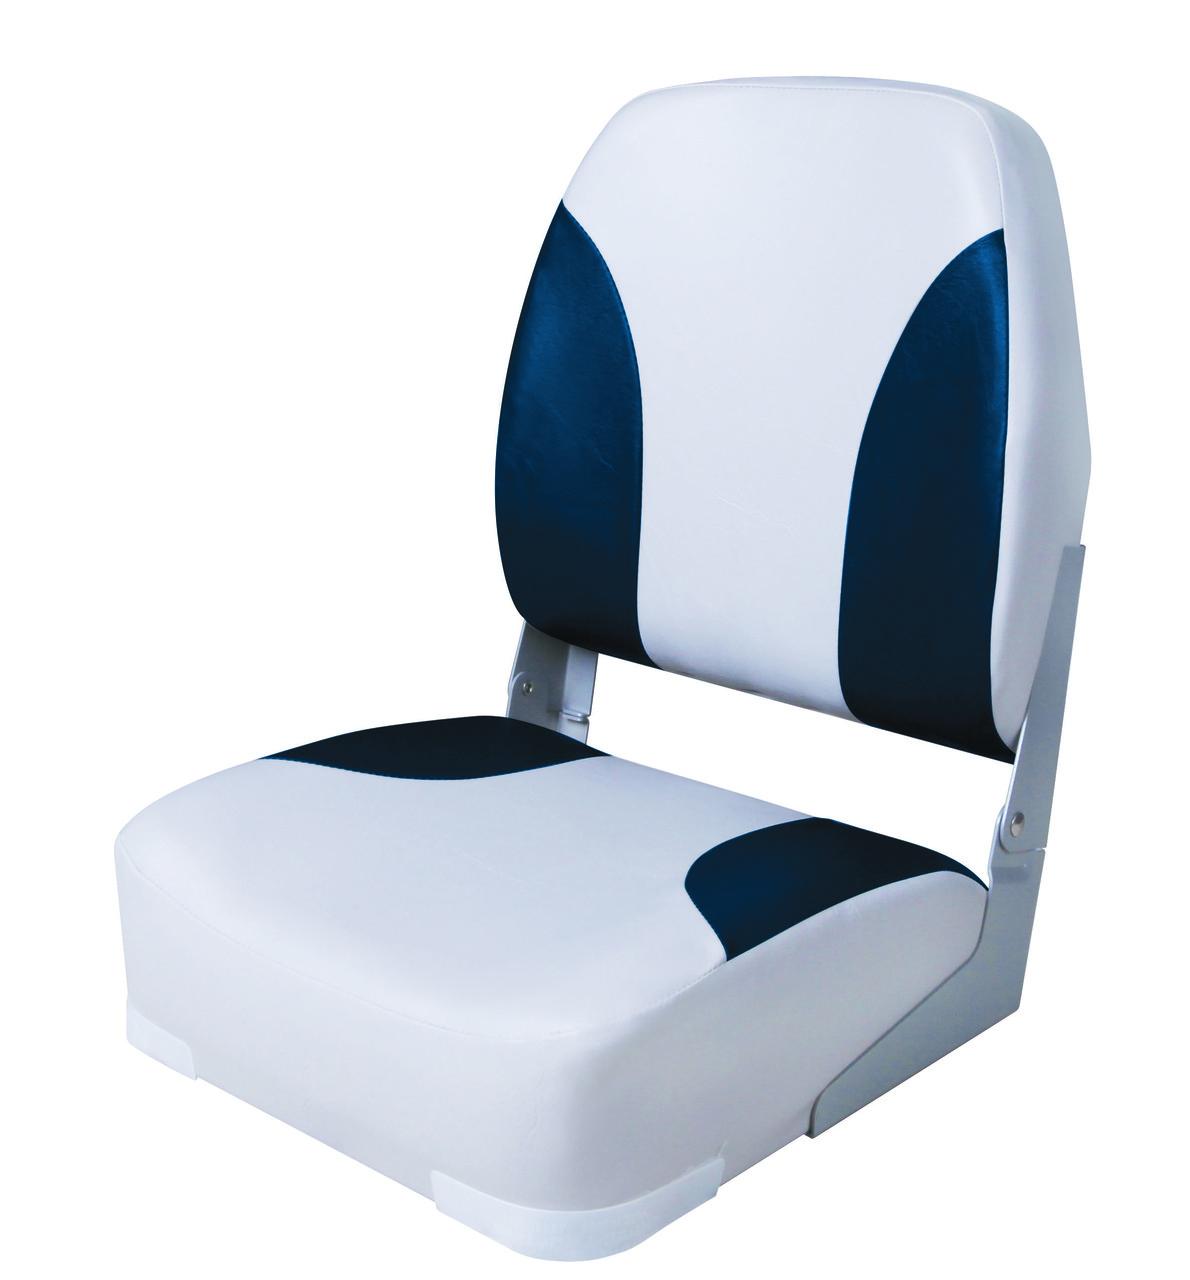 Сиденье для лодки, катера складное с высокой спинкой 75101GB серо-синее